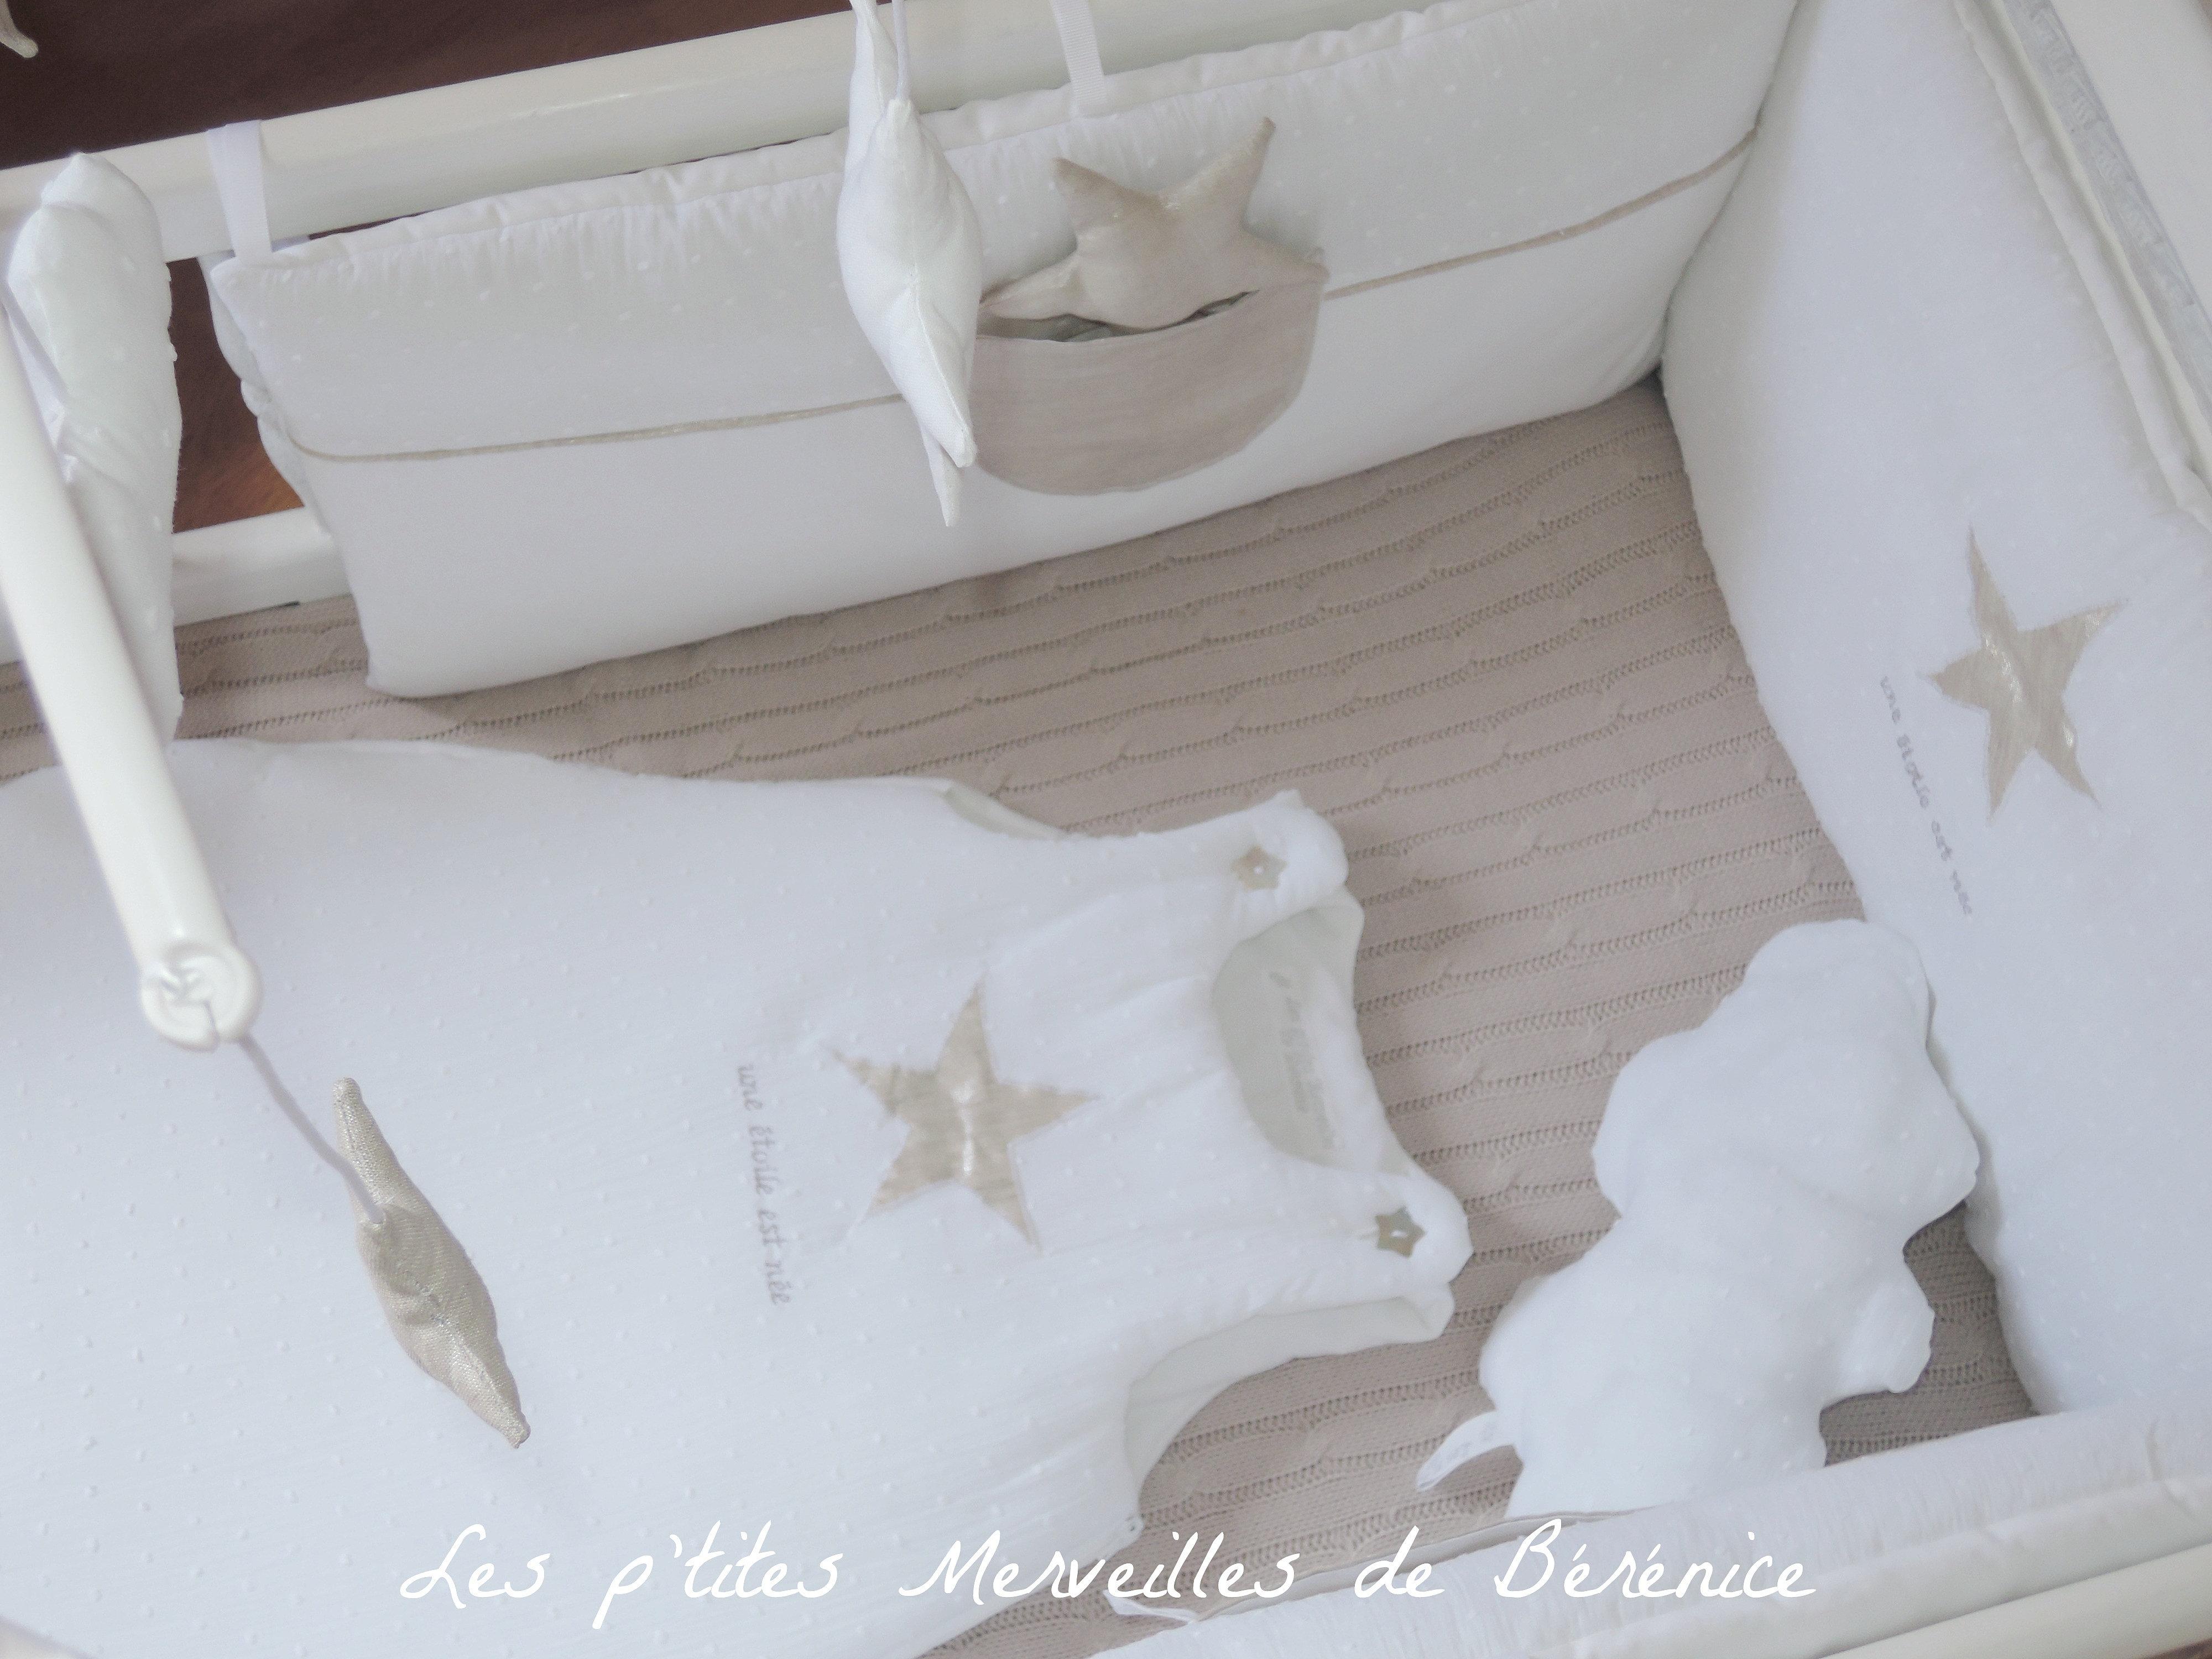 les p 39 tites merveilles de b r nice tour de lit gigoteuse une toile est n e beige dessus. Black Bedroom Furniture Sets. Home Design Ideas